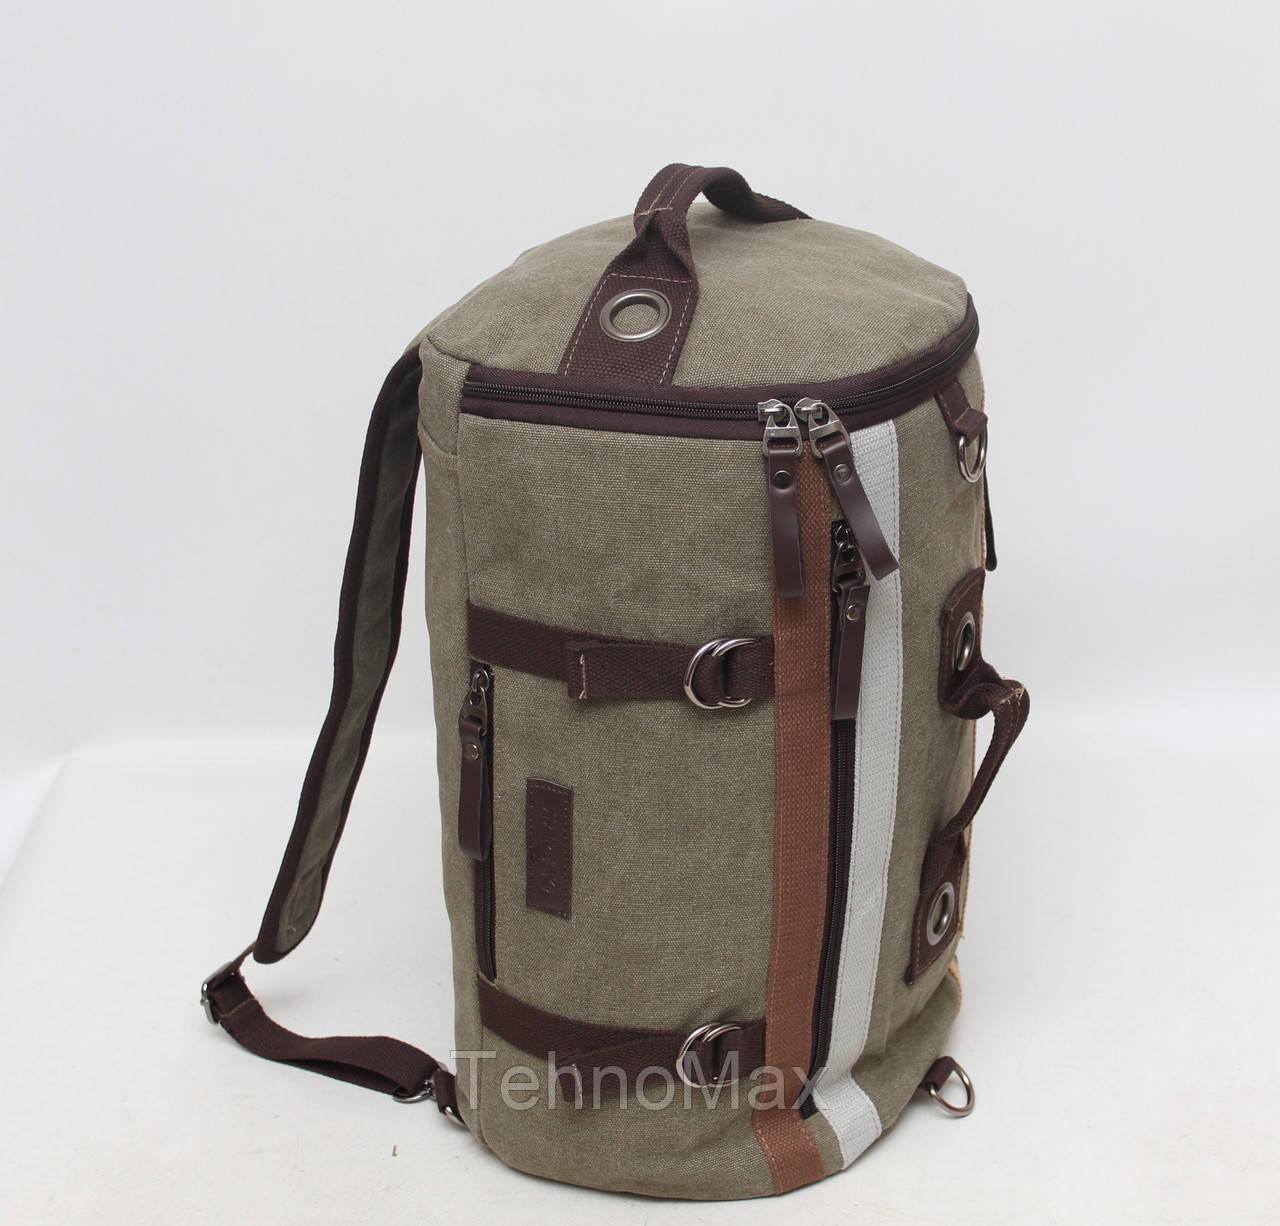 894d3da70d79 Чоловічий повсякденний рюкзак - сумка / Мужской городской рюкзак - TehnoMax  в Киеве